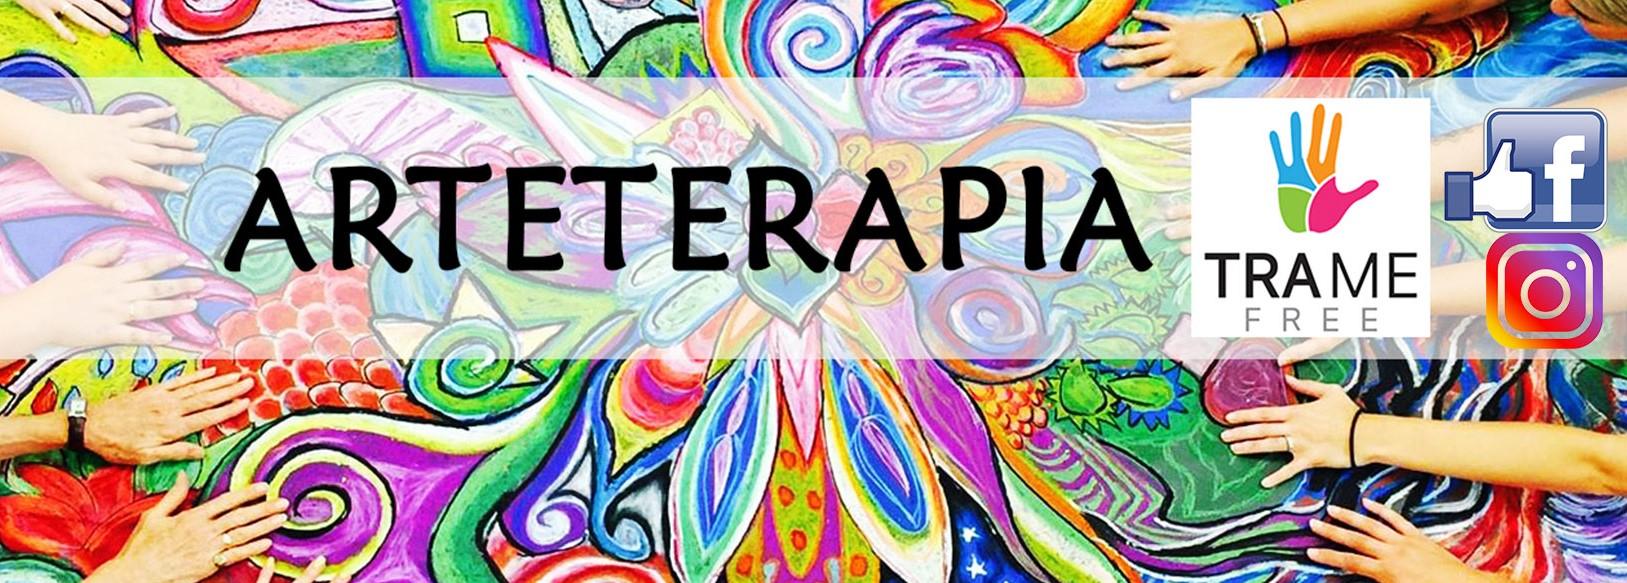 Maggio con Arteterapia!